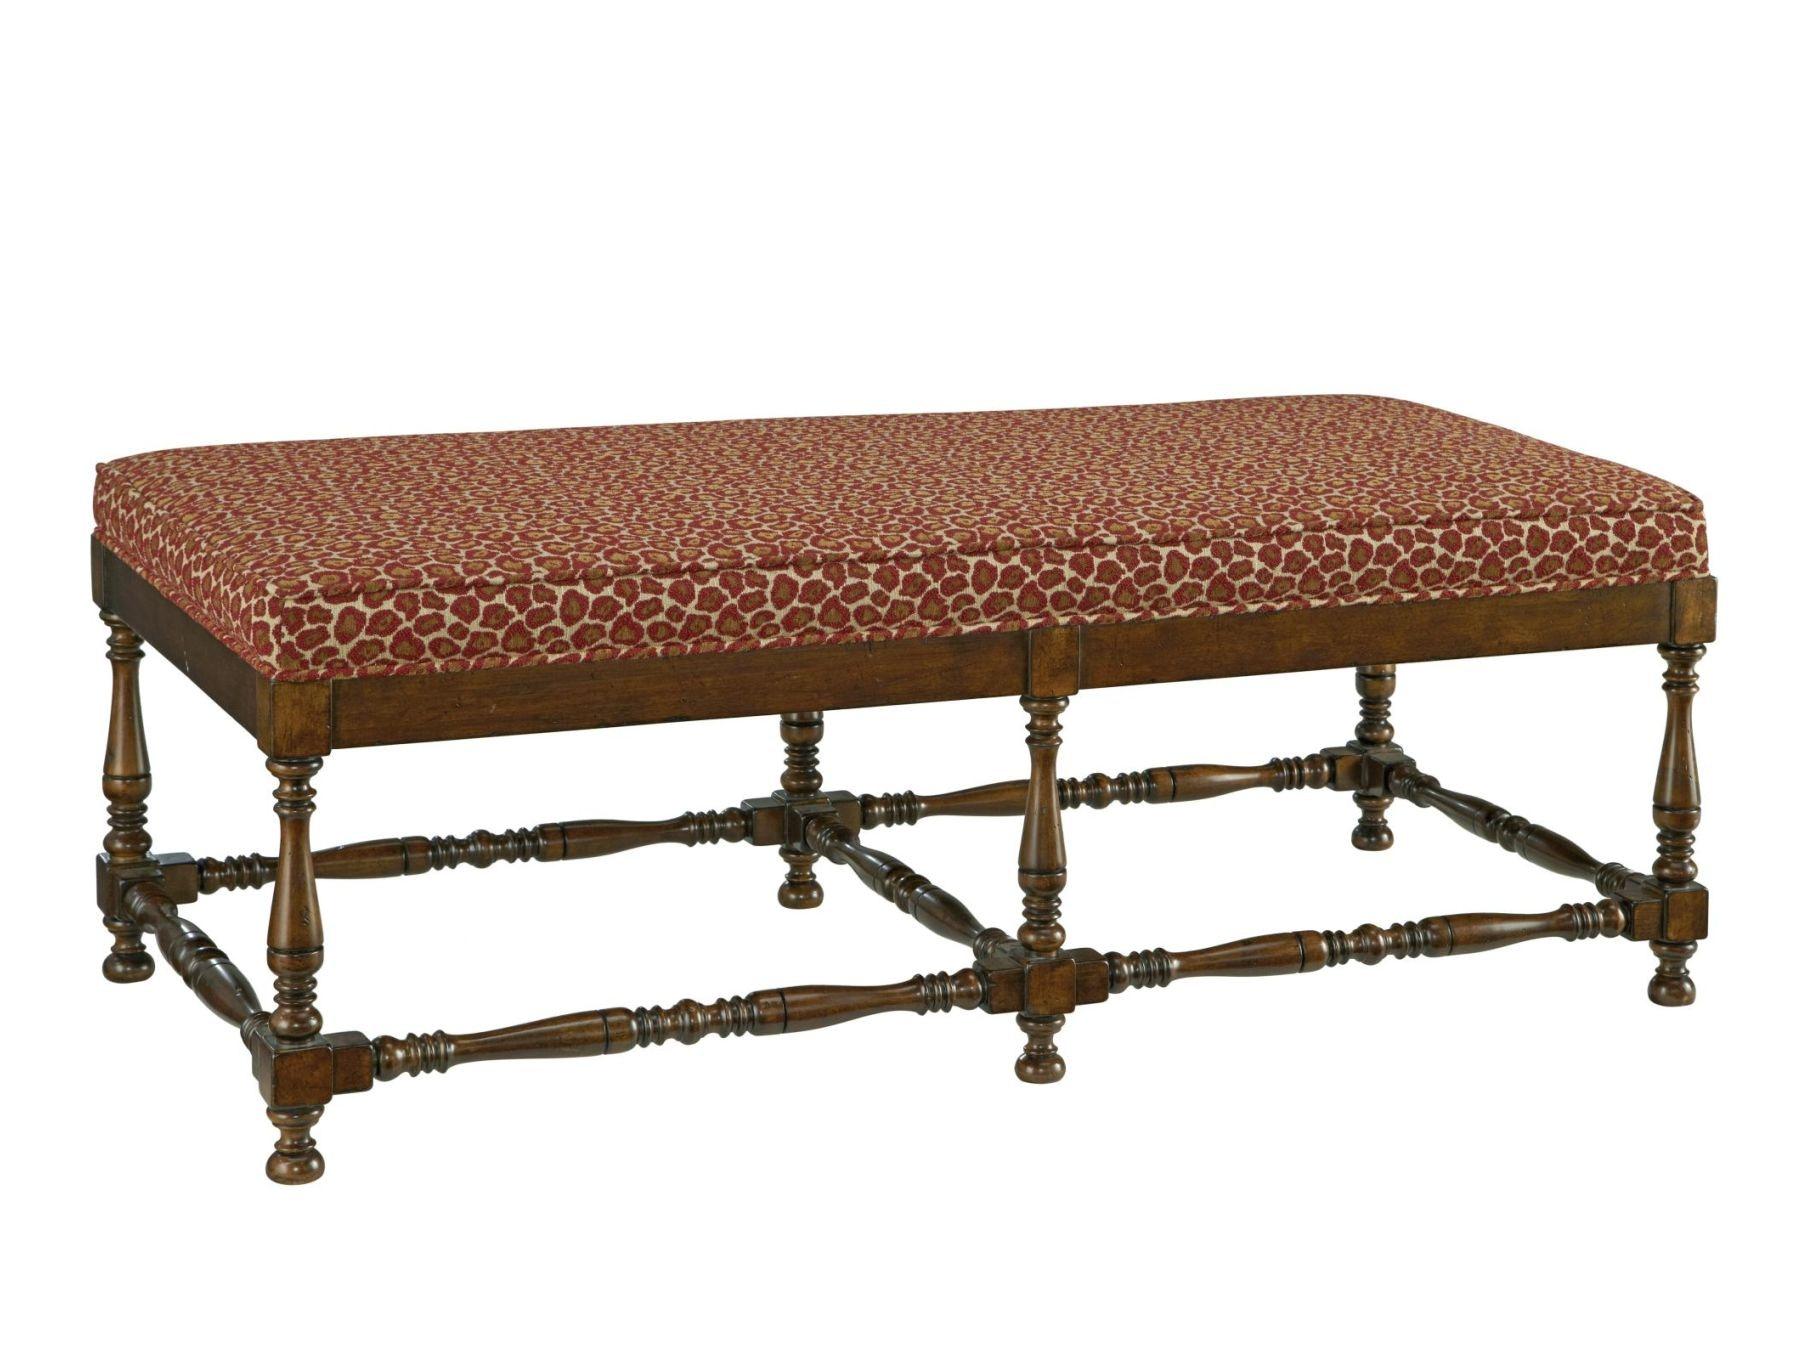 Fine Furniture Design Bedroom Turned Leg Ottoman Bench 3909 04   Bacons  Furniture   Port Charlotte, FL